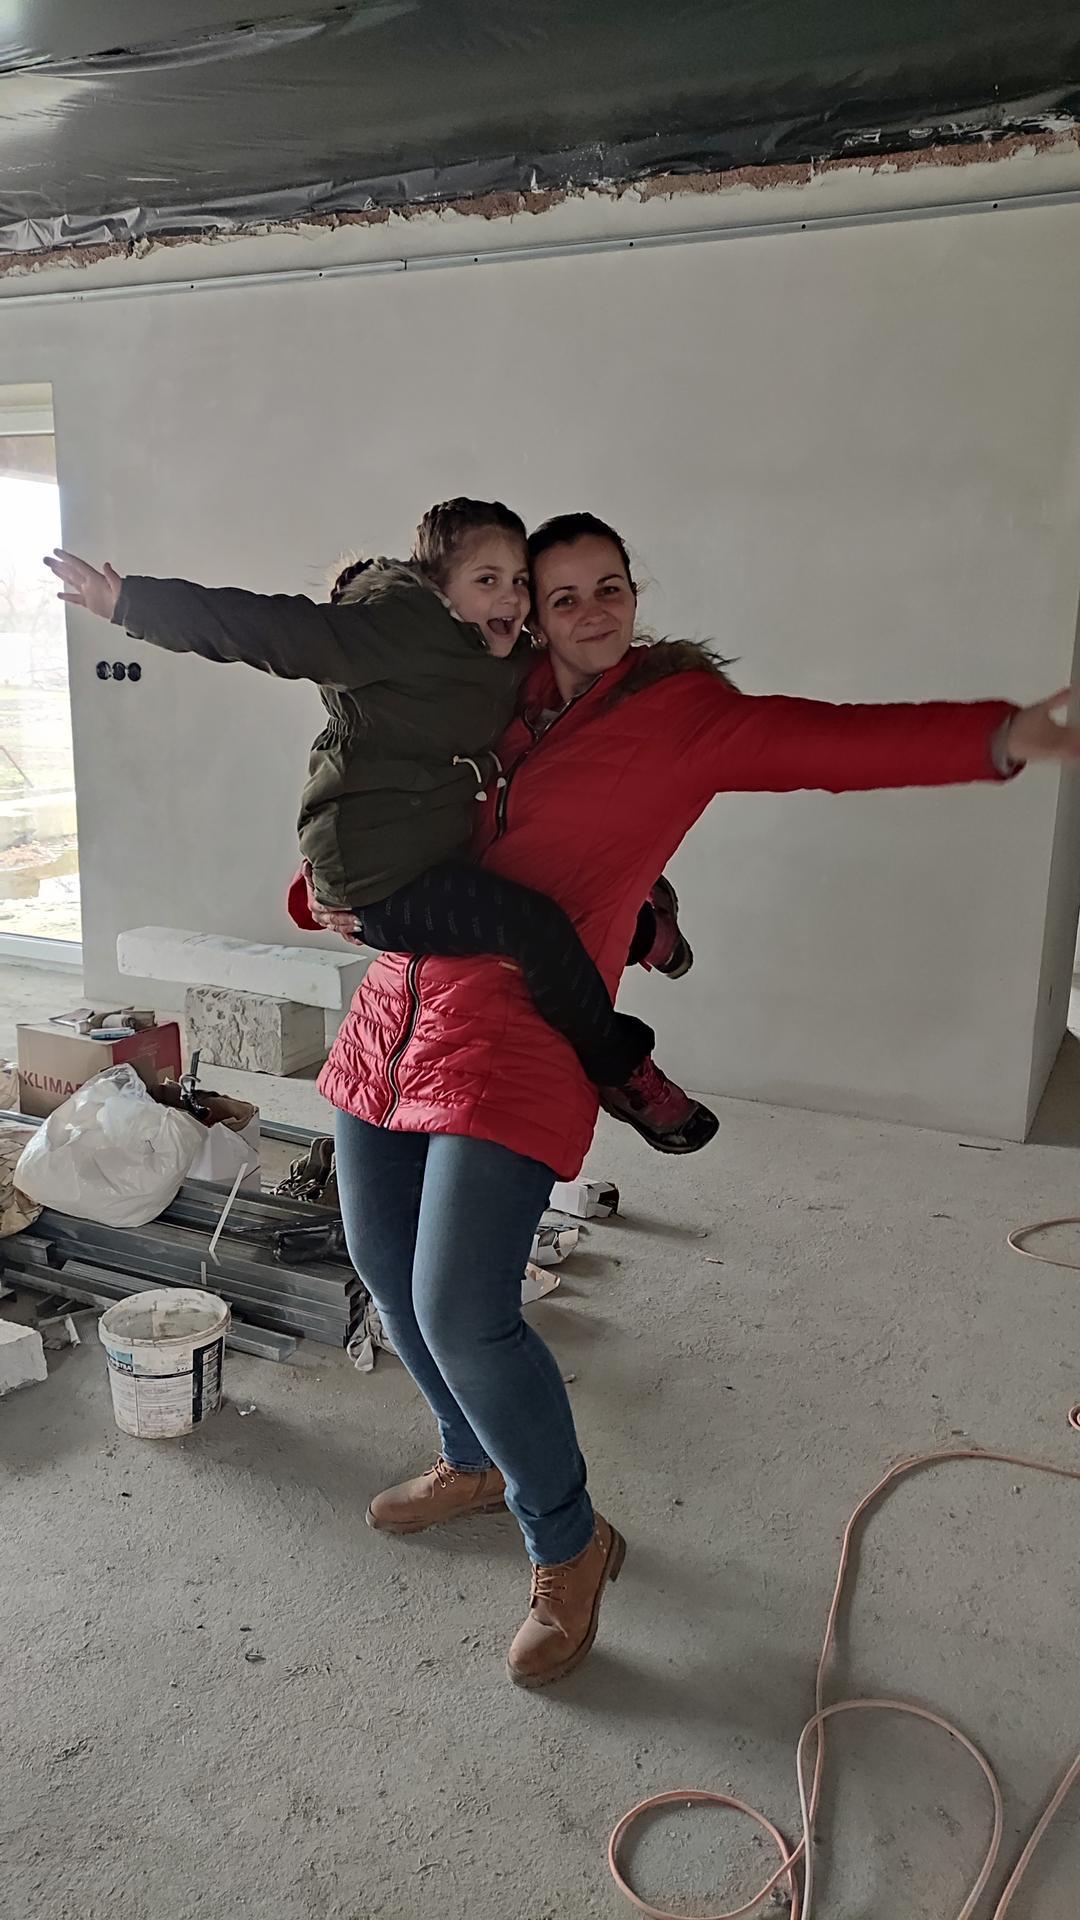 Dom vytvoríš rukami, domov jedine srdcom - Najmilšia návšteva ❤️